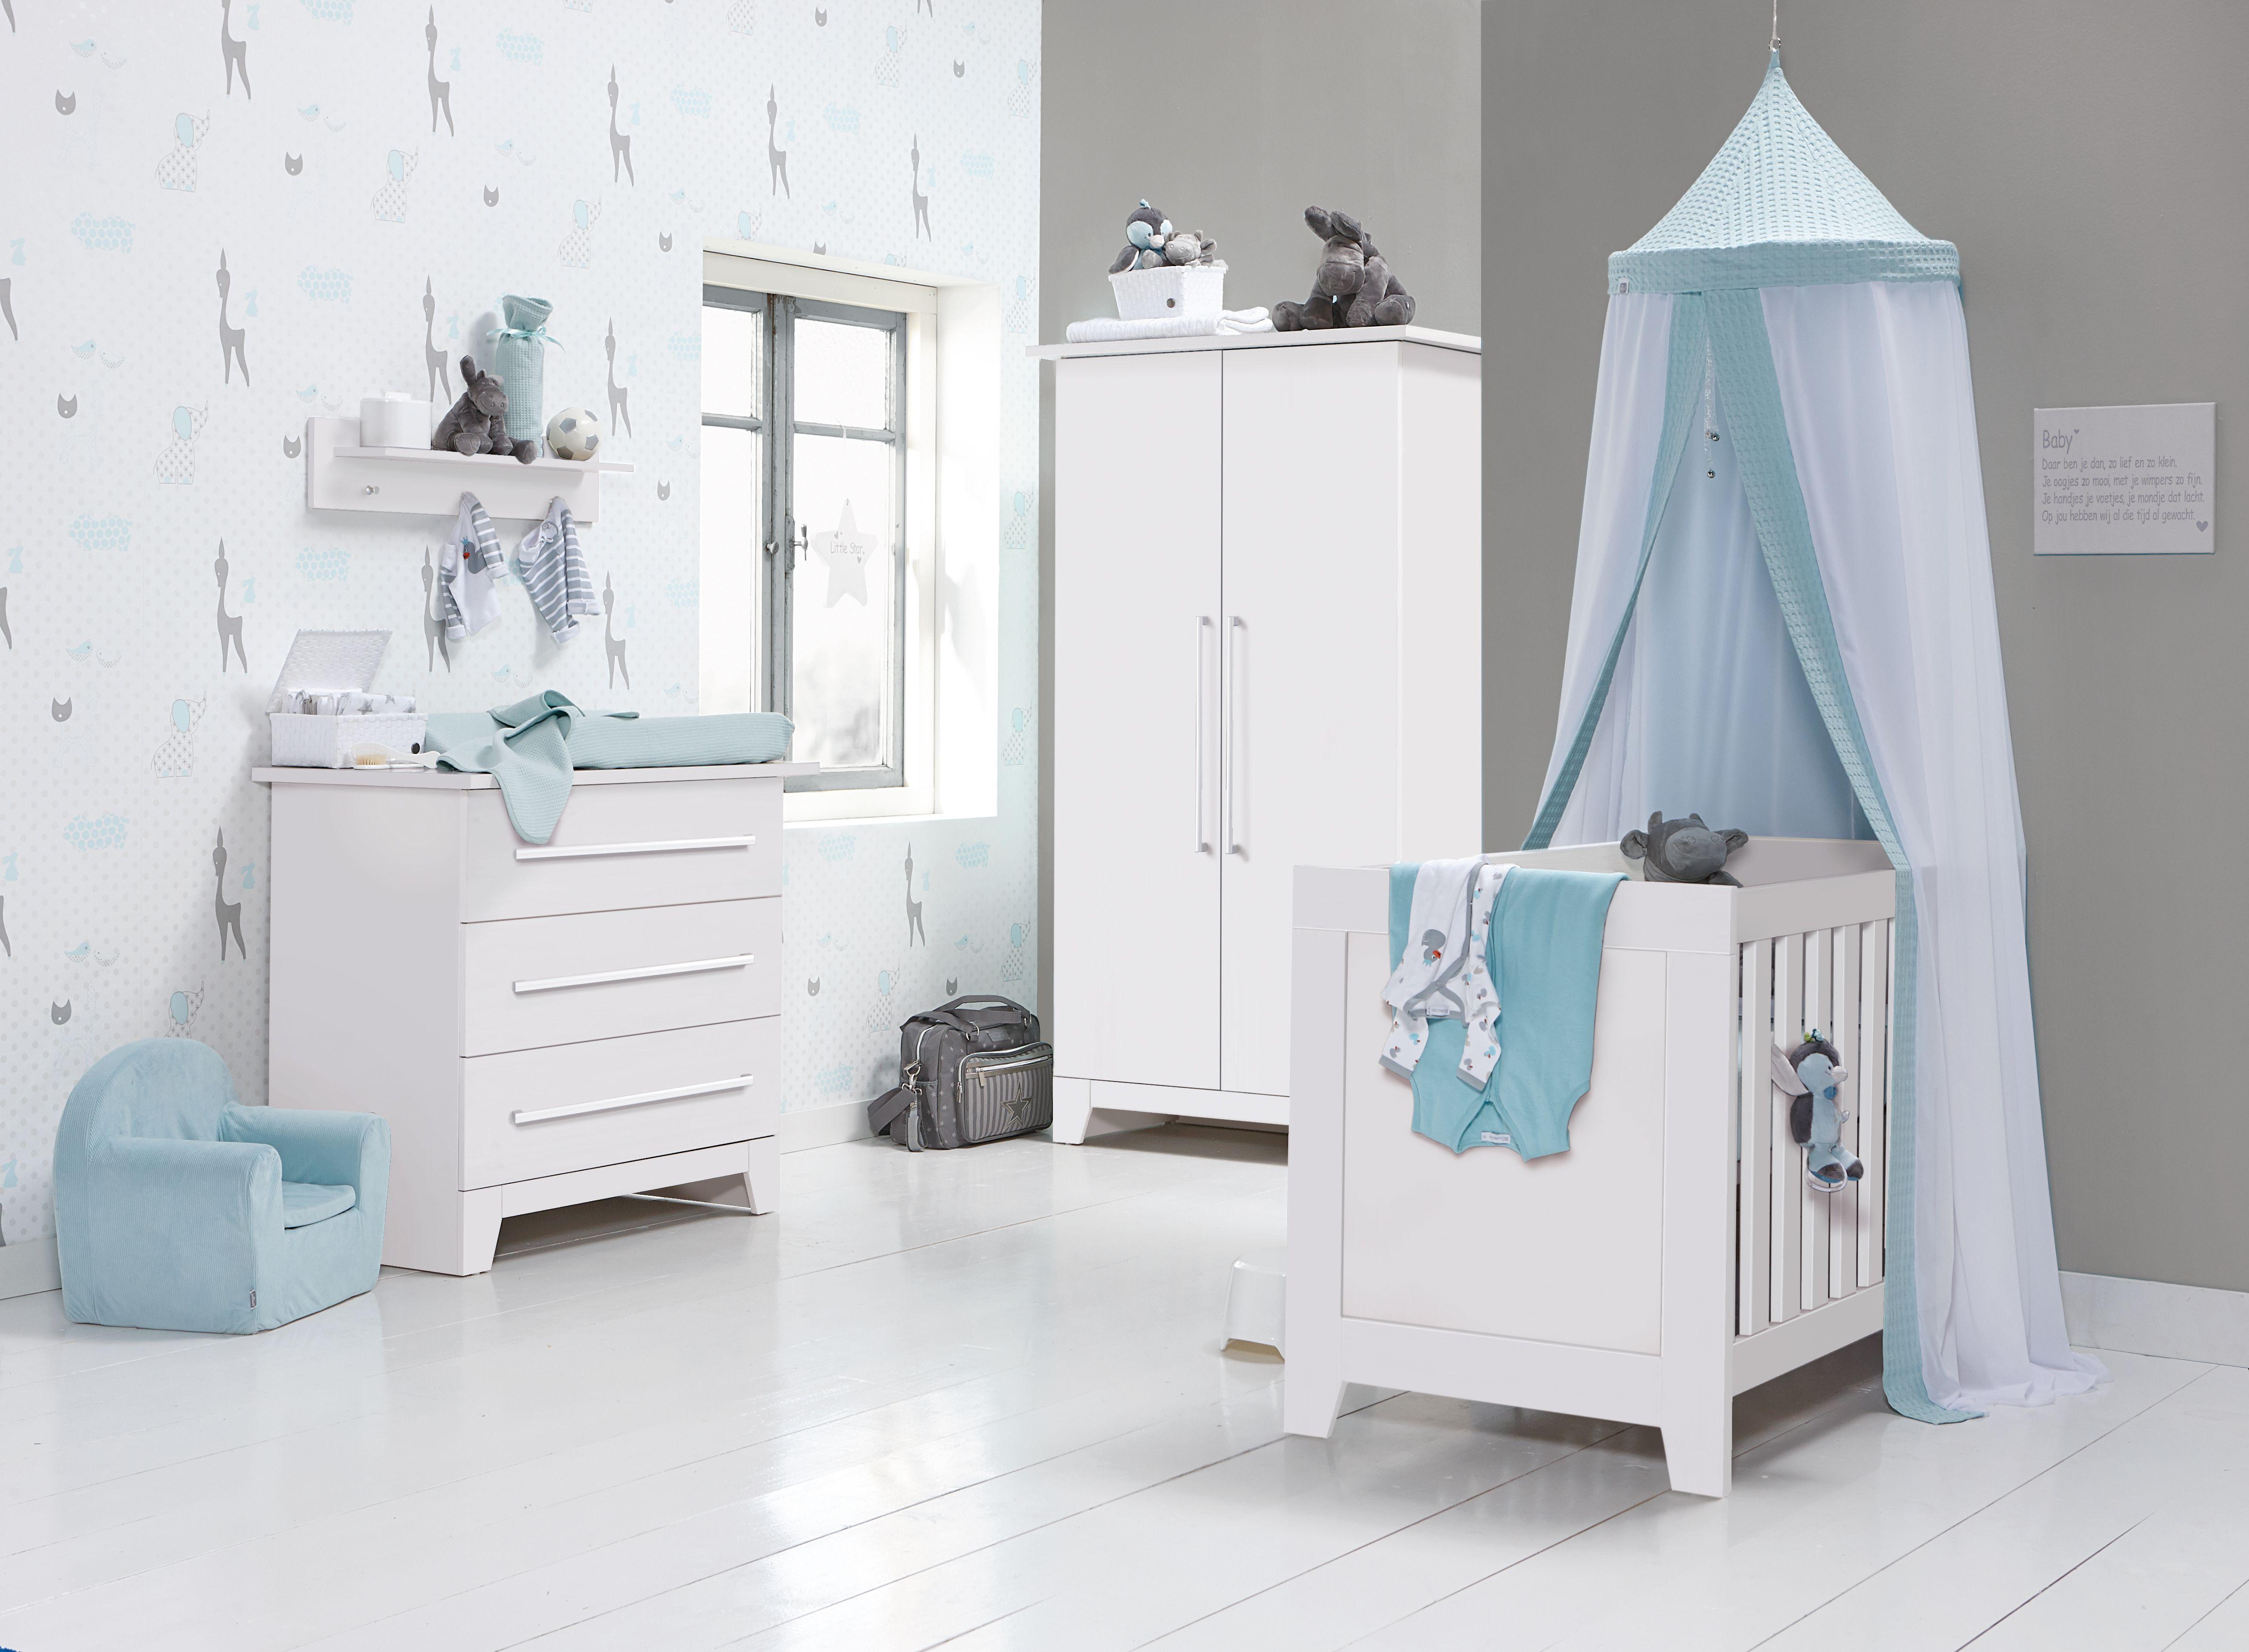 babykamer rio van het merk interbaby | babykamers (ons assortiment, Deco ideeën